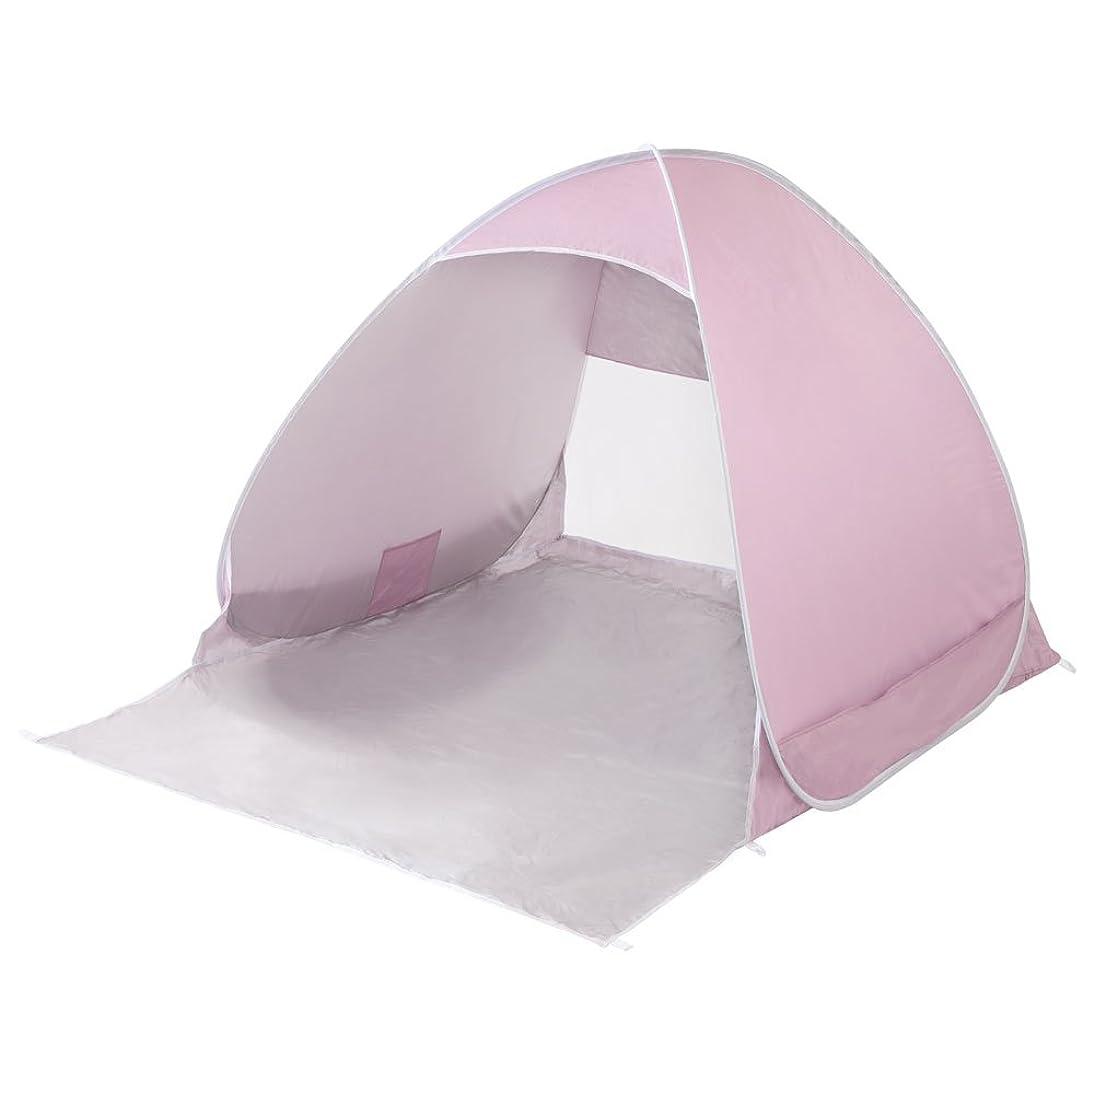 丈夫一緒療法ぼん家具 テント ワンタッチ ポップアップ 防水 簡易テント 日よけ UVカット アウトドア キャンプ ピクニック